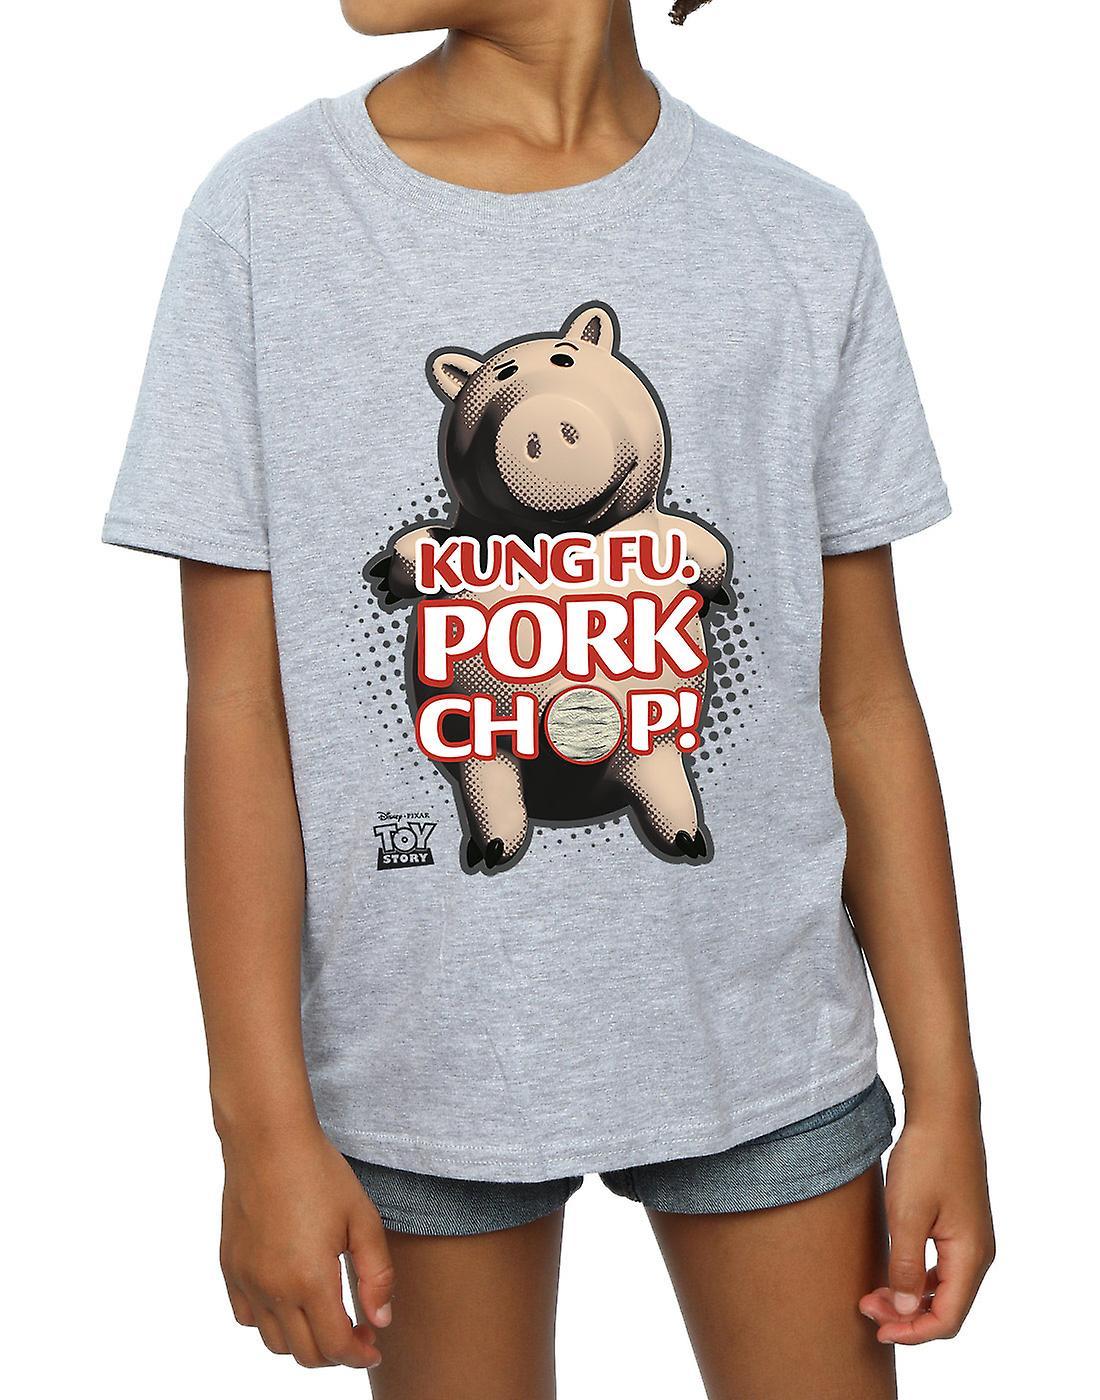 ديزني الفتيات لعبة قصة الكونغ فو فرم لحم الخنزير تي شيرت